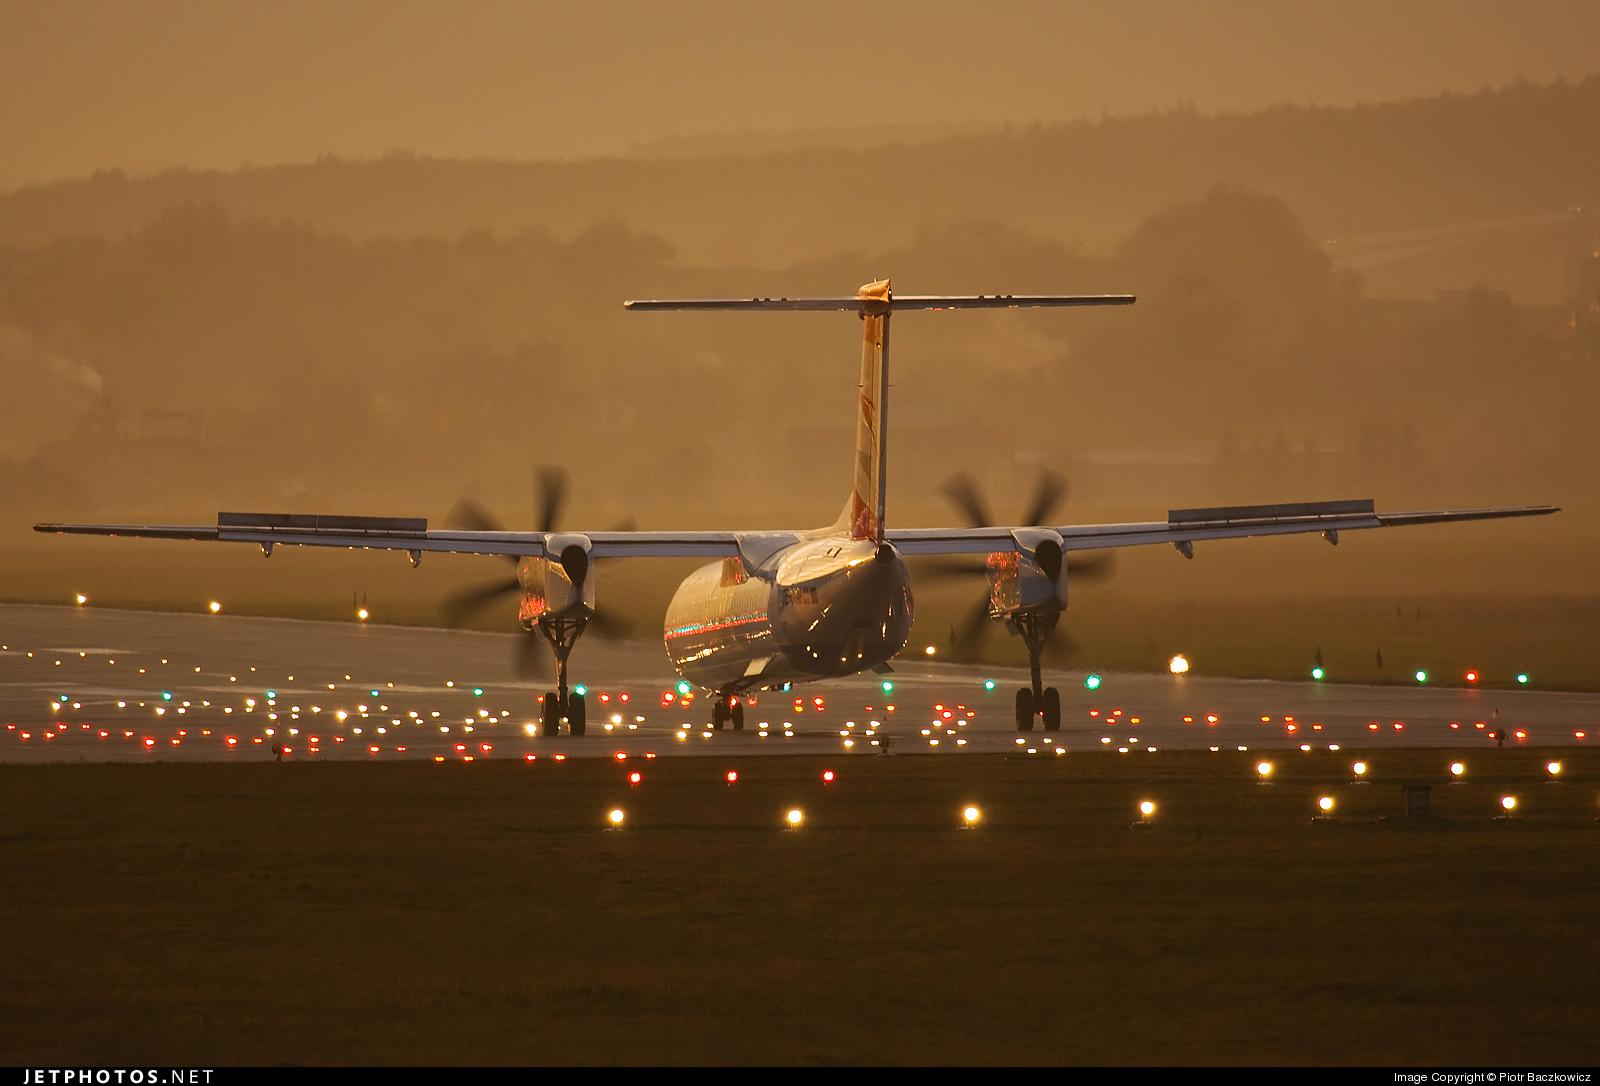 OE-LGH - Bombardier Dash 8-Q402 - Austrian Airlines